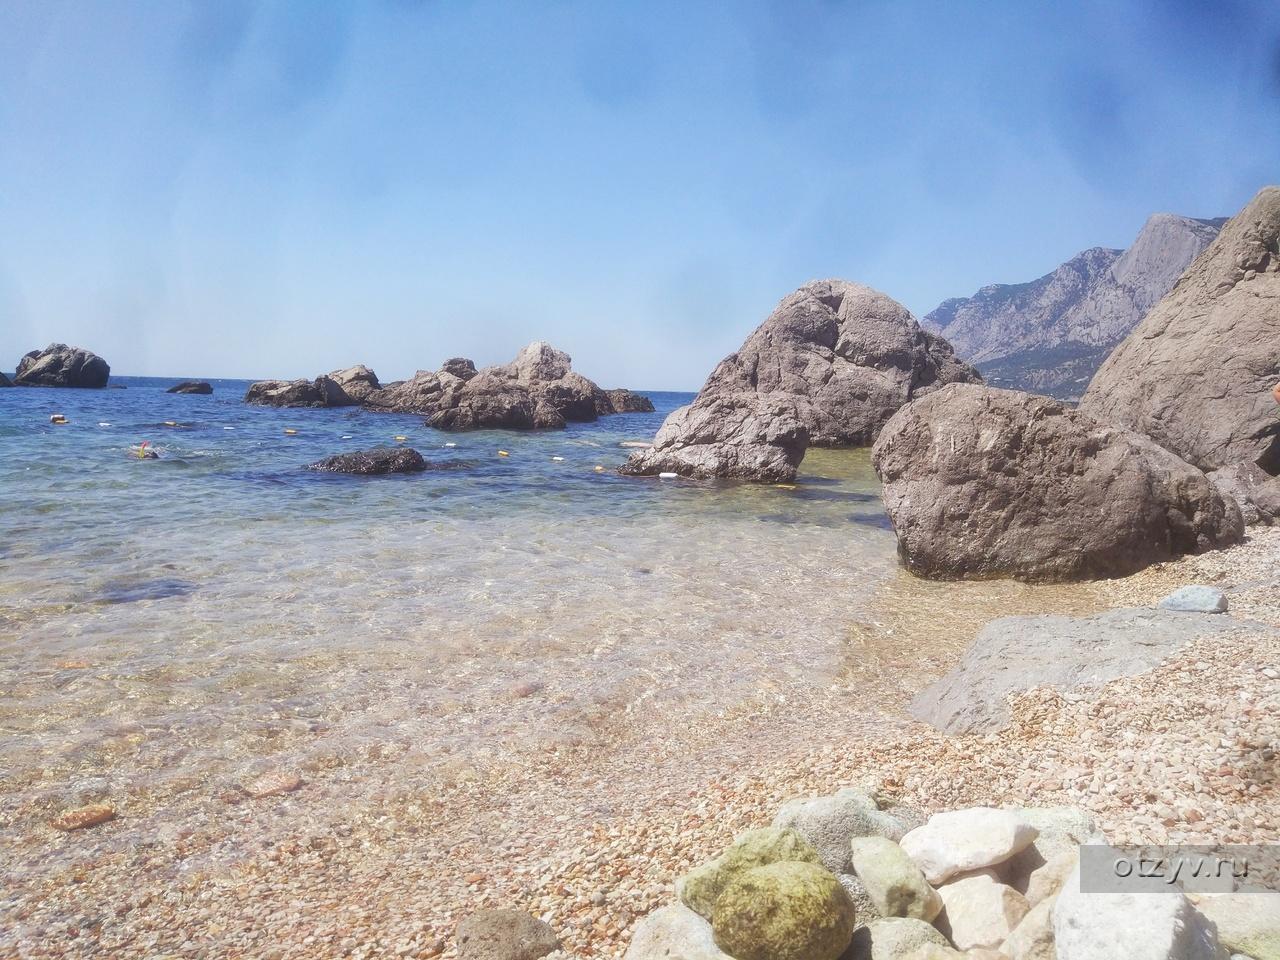 елените пляжи ласпи фото с описанием водители